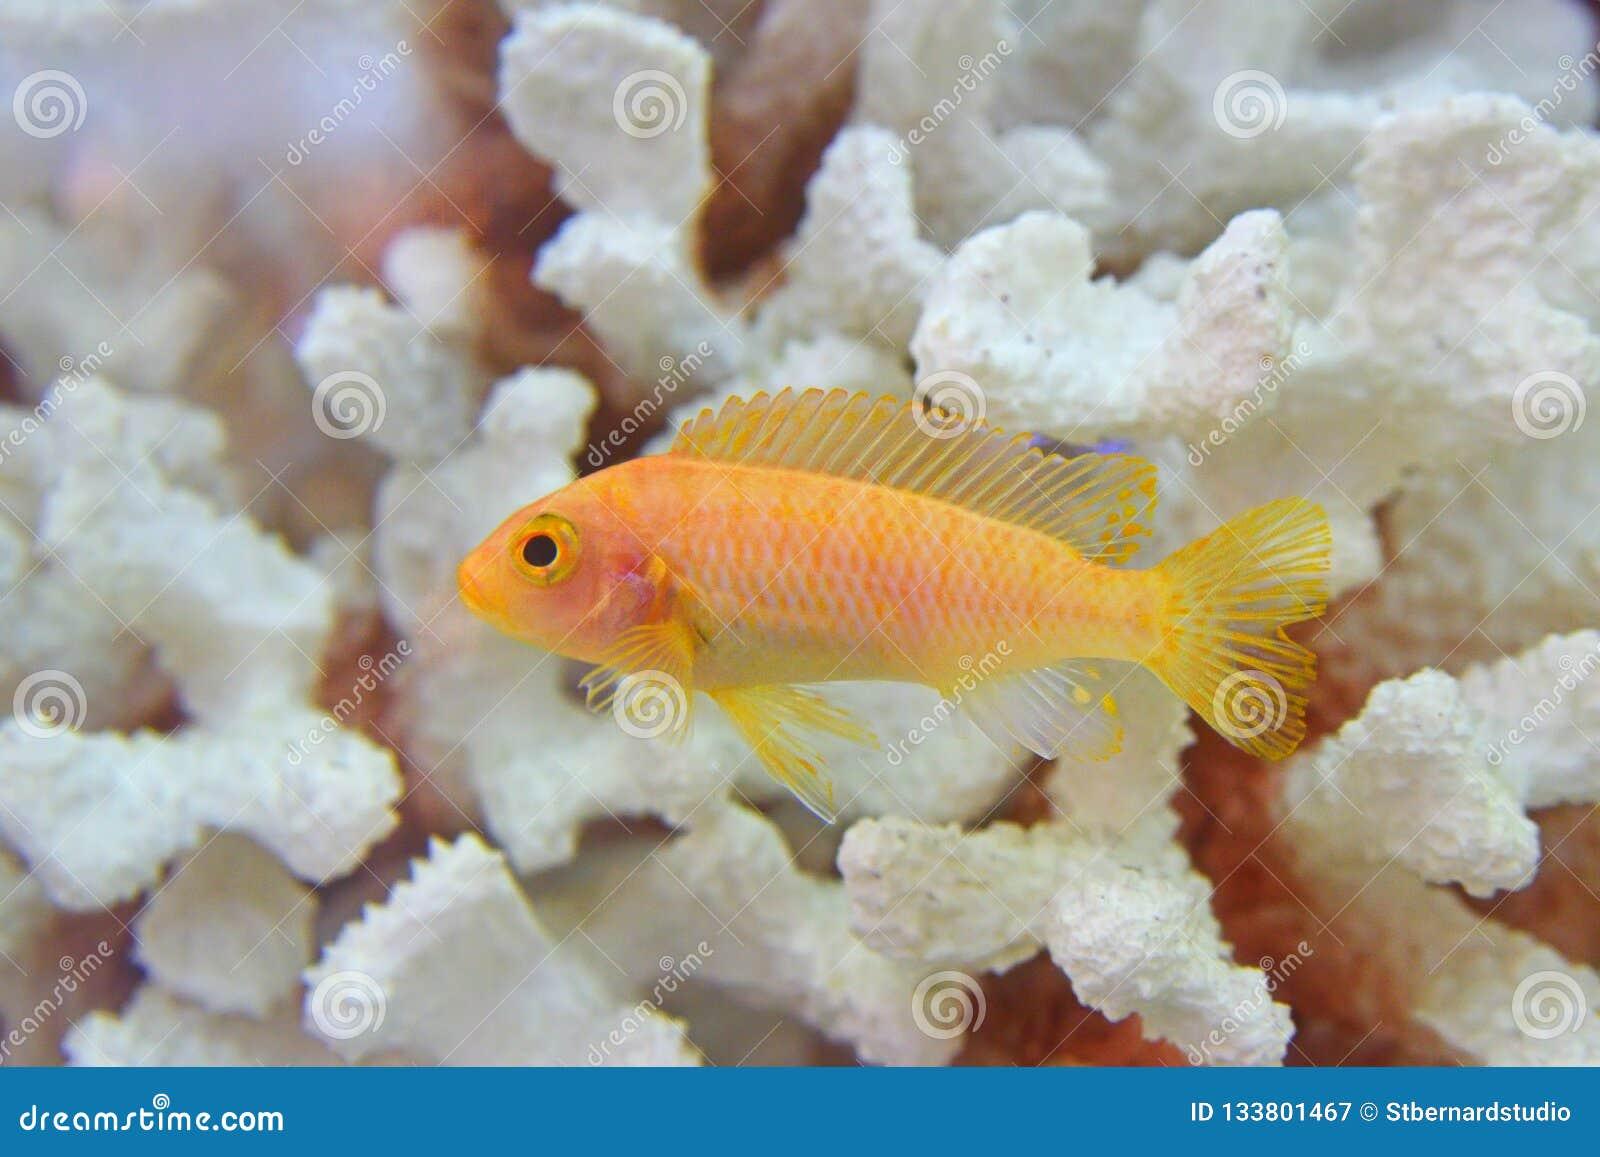 Όμορφα κίτρινα ψάρια Cichlid που κολυμπούν χαριτωμένα με το άσπρο νεκρό κοράλλι στο υπόβαθρο που κρατιέται ως κατοικίδιο ζώο